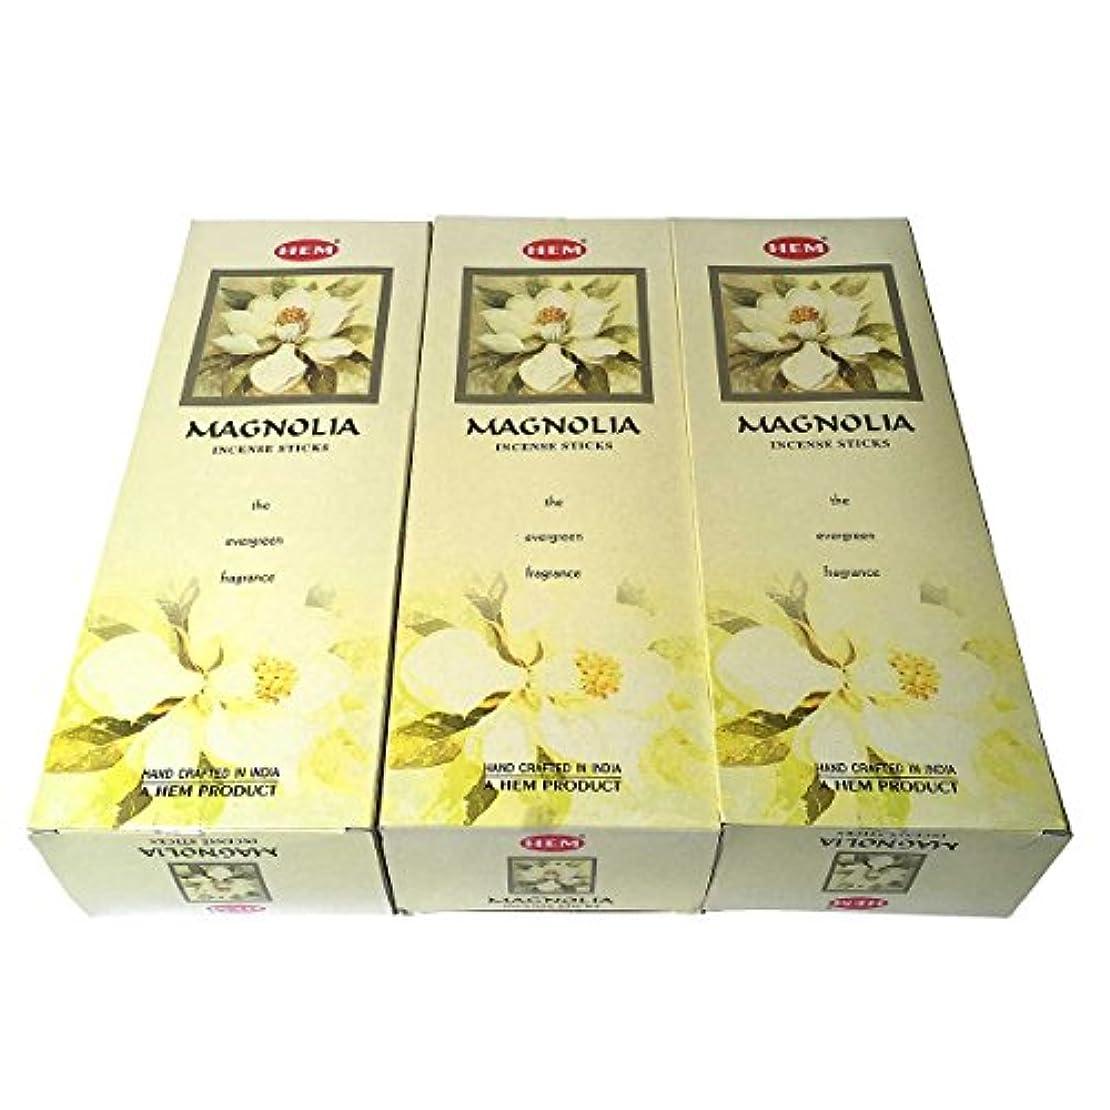 均等に昼間グリップマグノリア香スティック 3BOX(18箱) /HEM MAGNOLIA/お香/インセンス/インド香 お香 [並行輸入品]